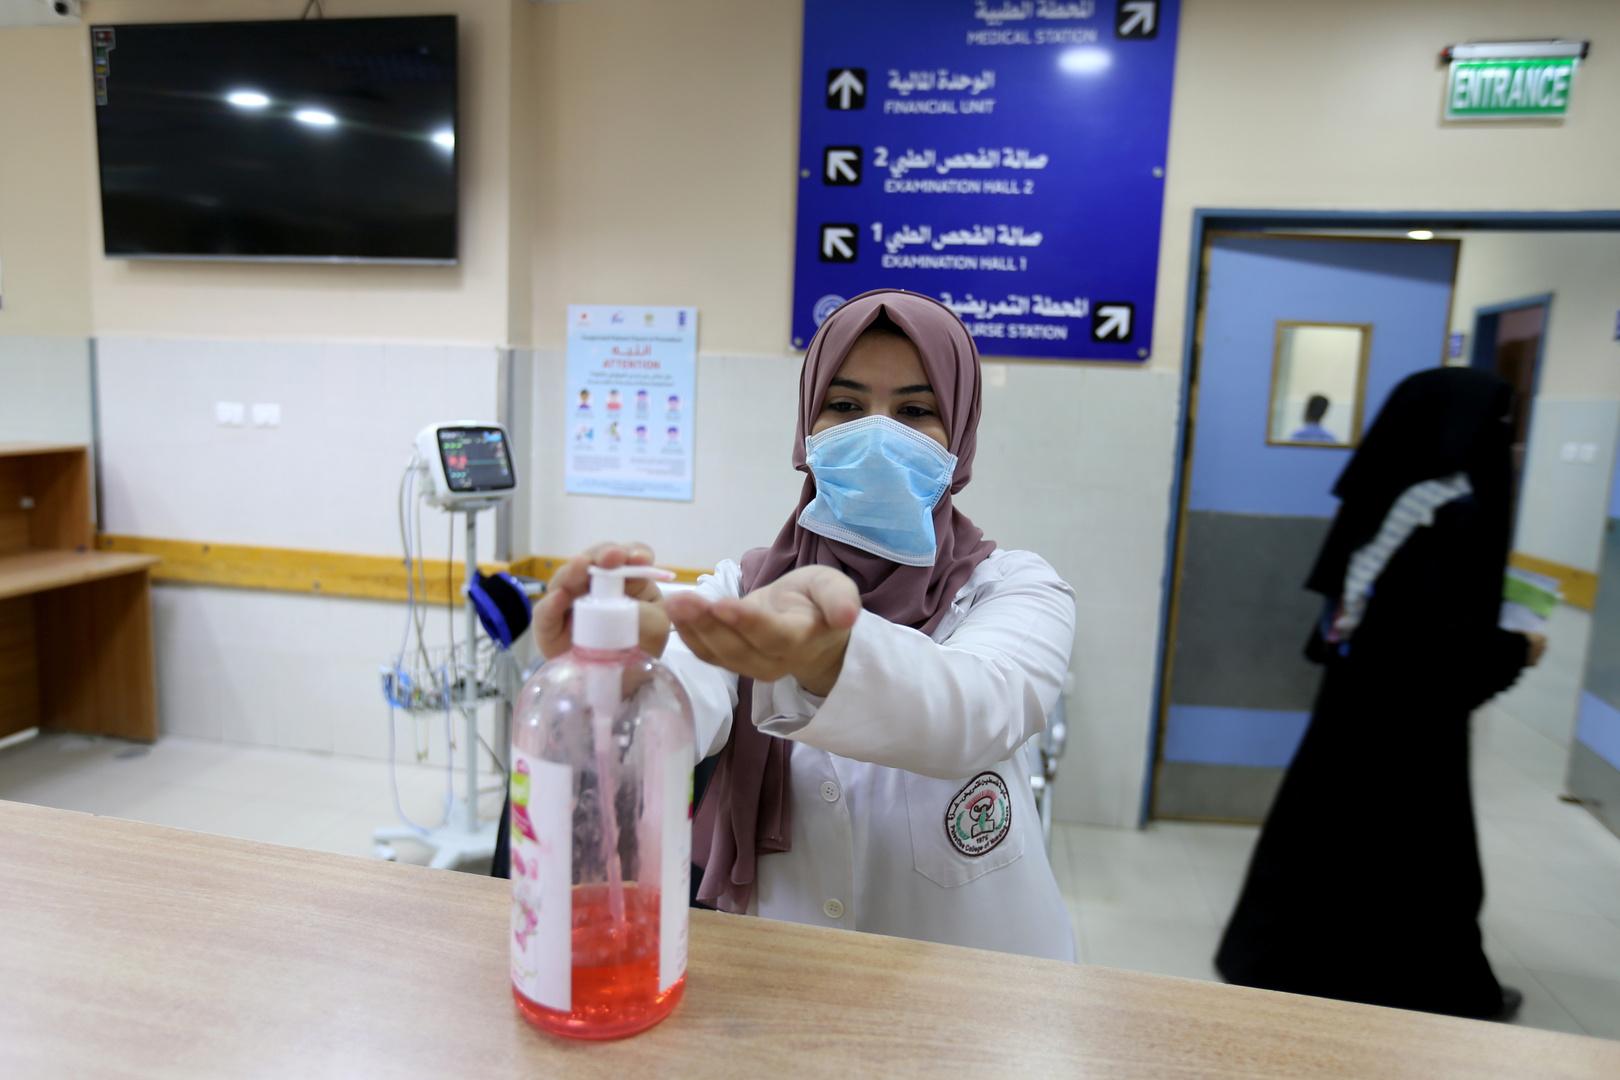 رام الله ترسل شحنة من مساعدات ومعونات طبية إلى غزة الأحد